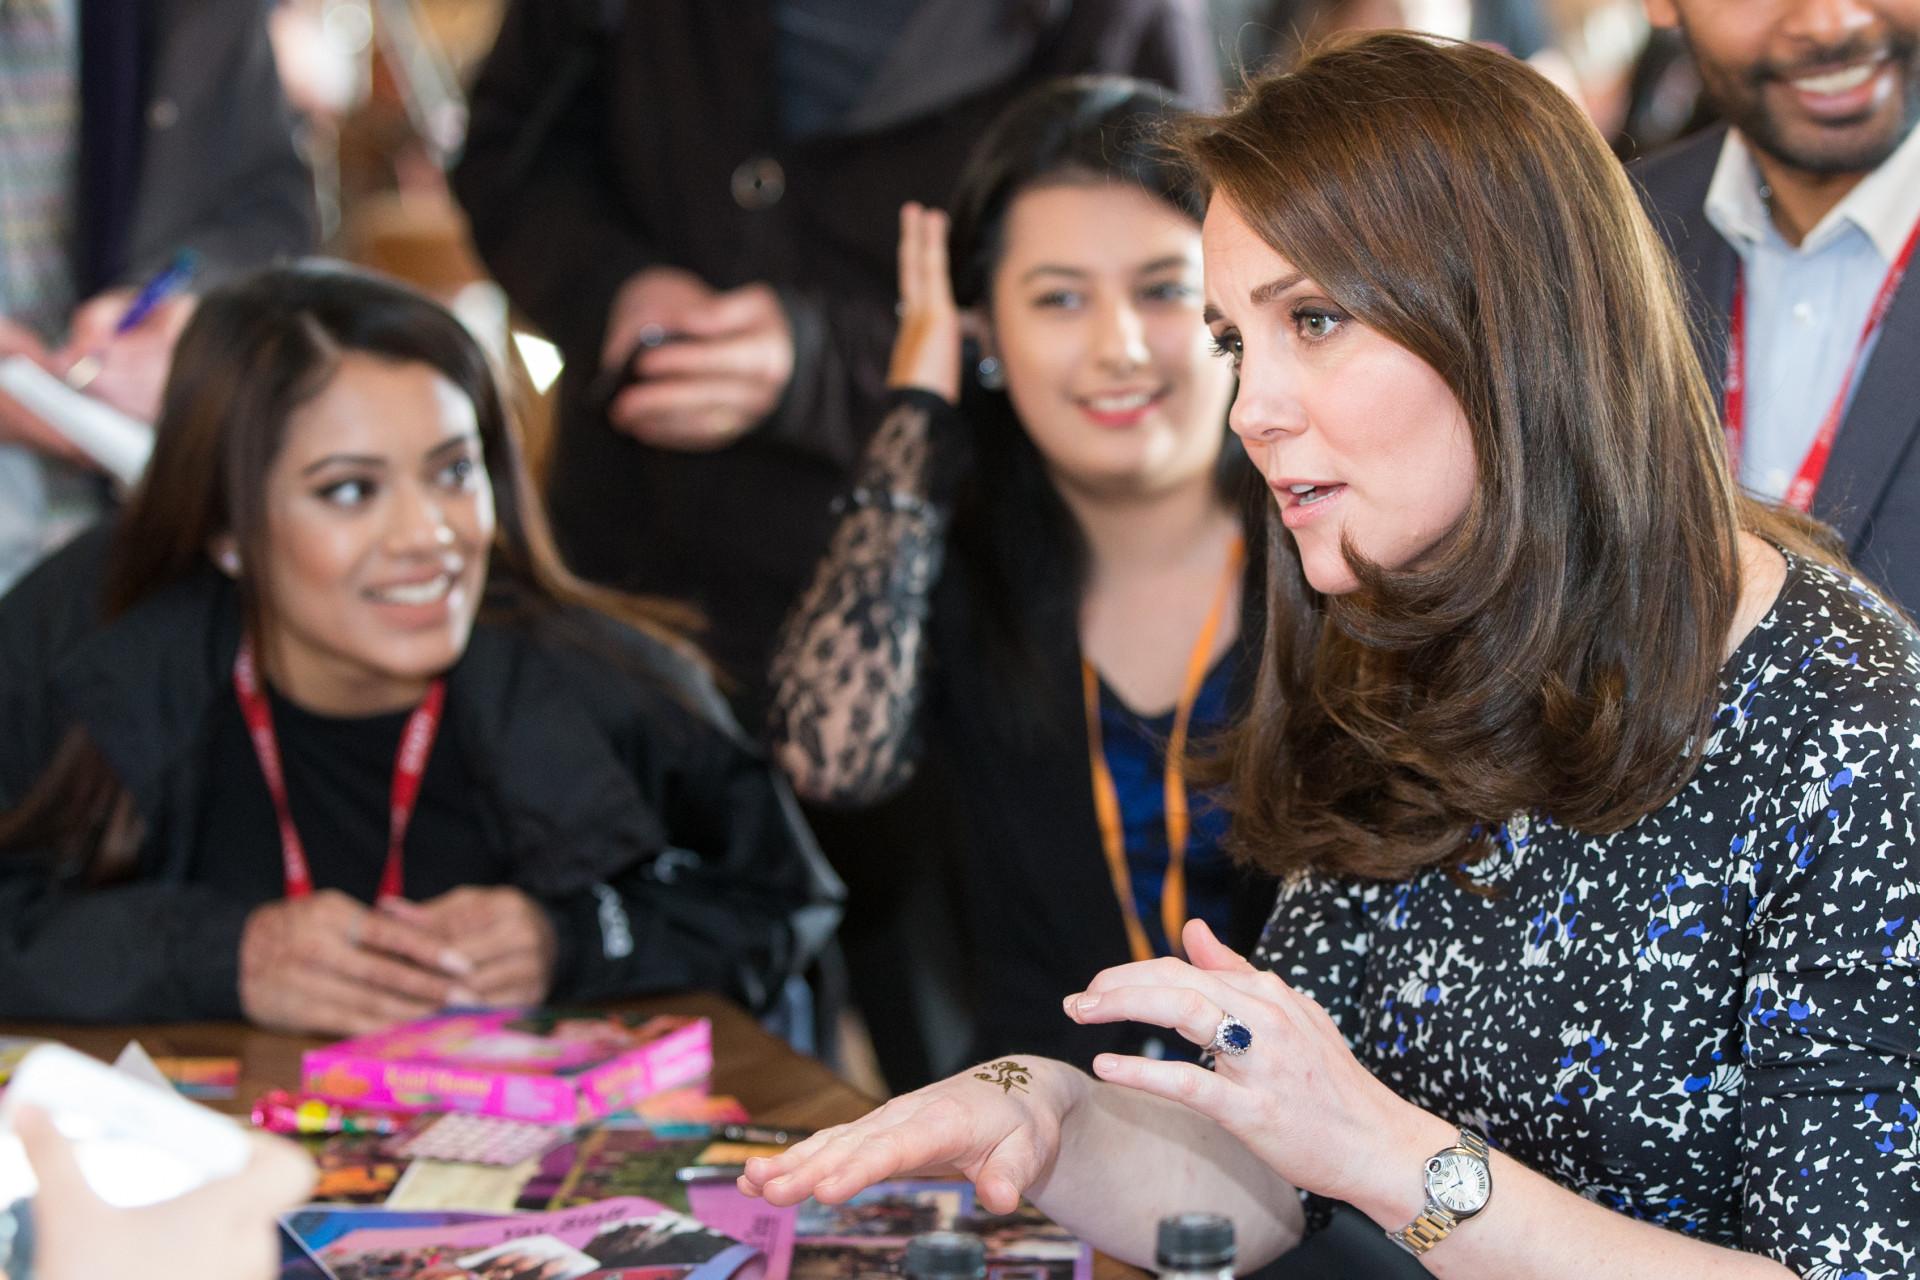 Kate Middleton faz tatuagem na mão durante evento oficial